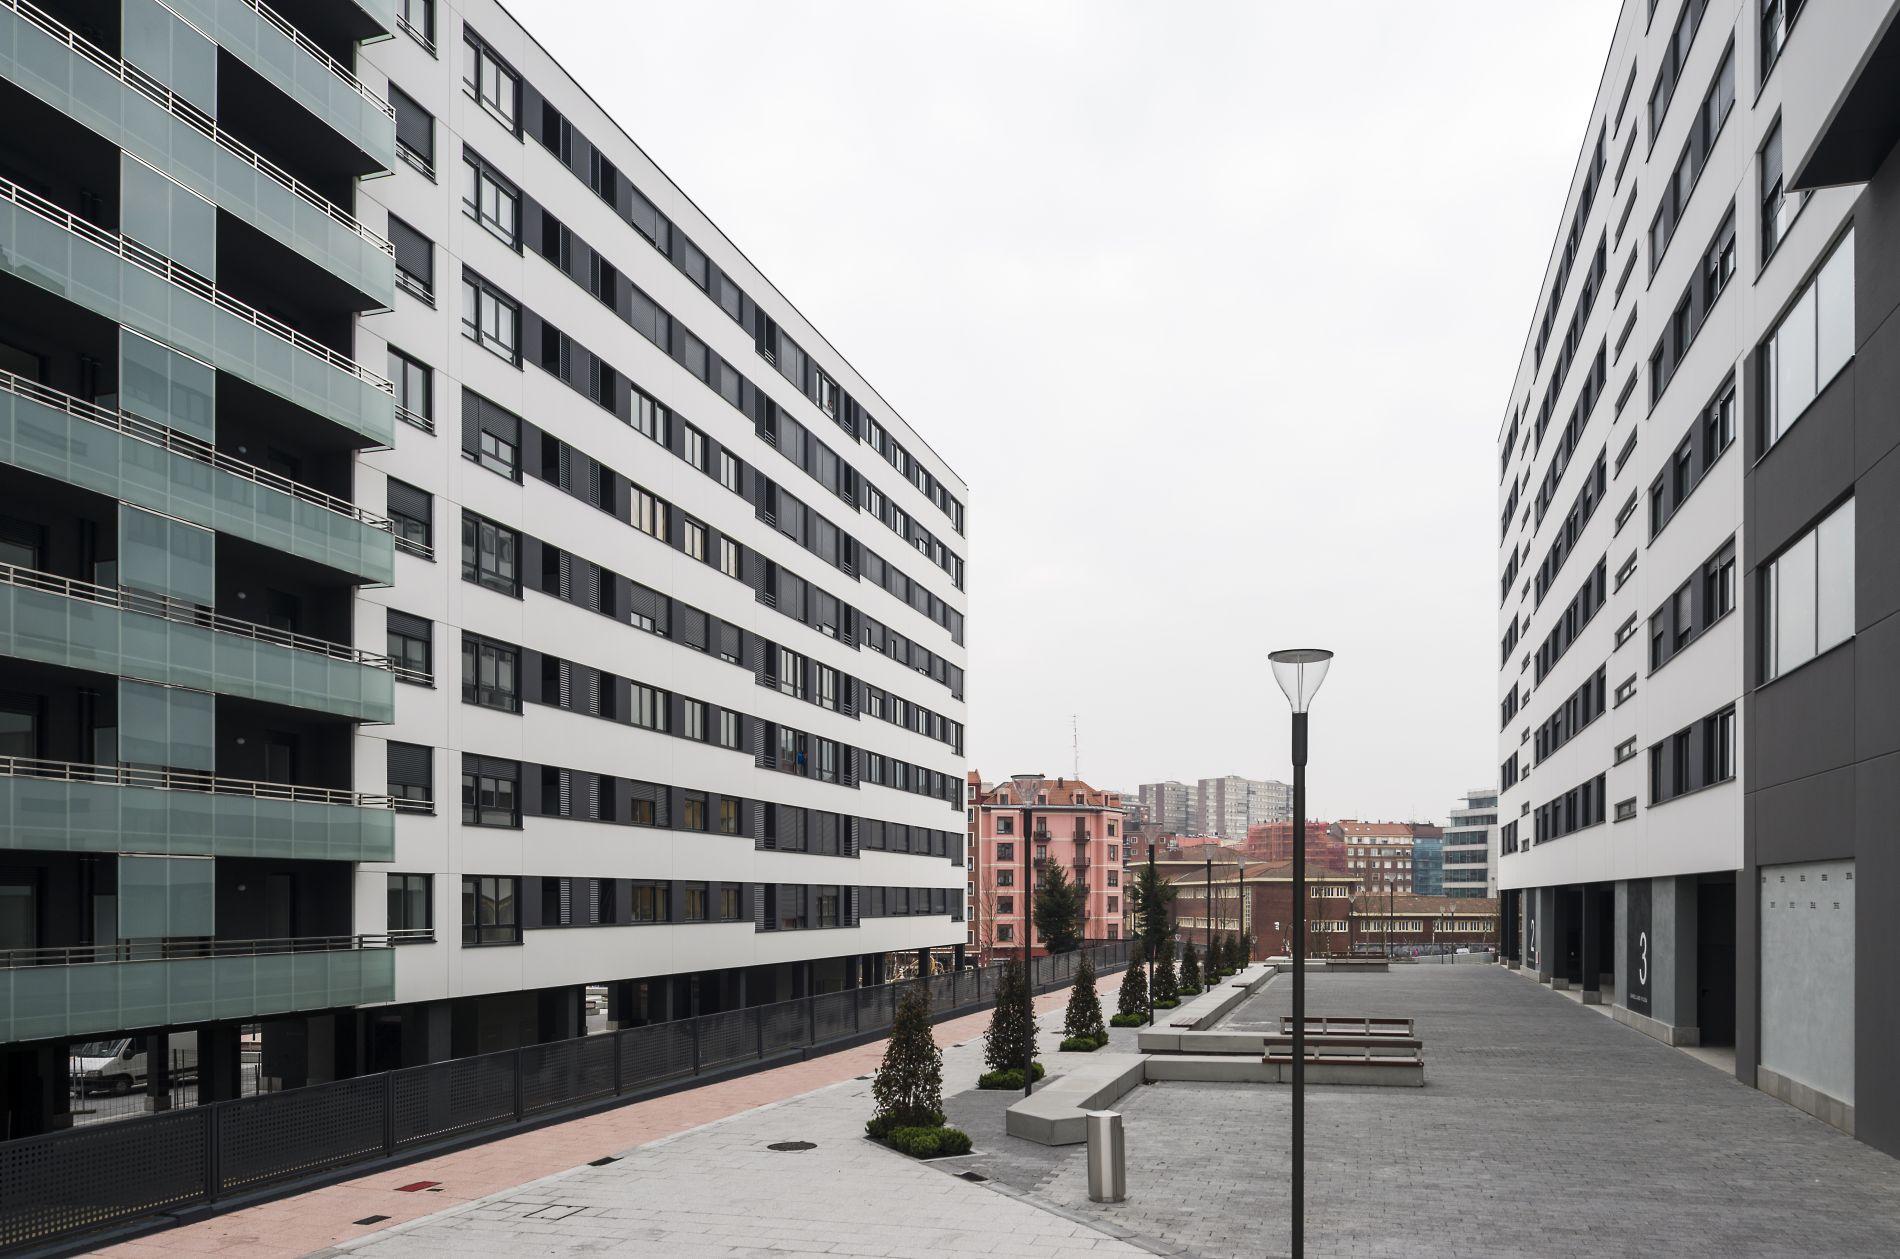 Fiark - 318 Viviendas VPO y 289 tasadas en Bilbao 18